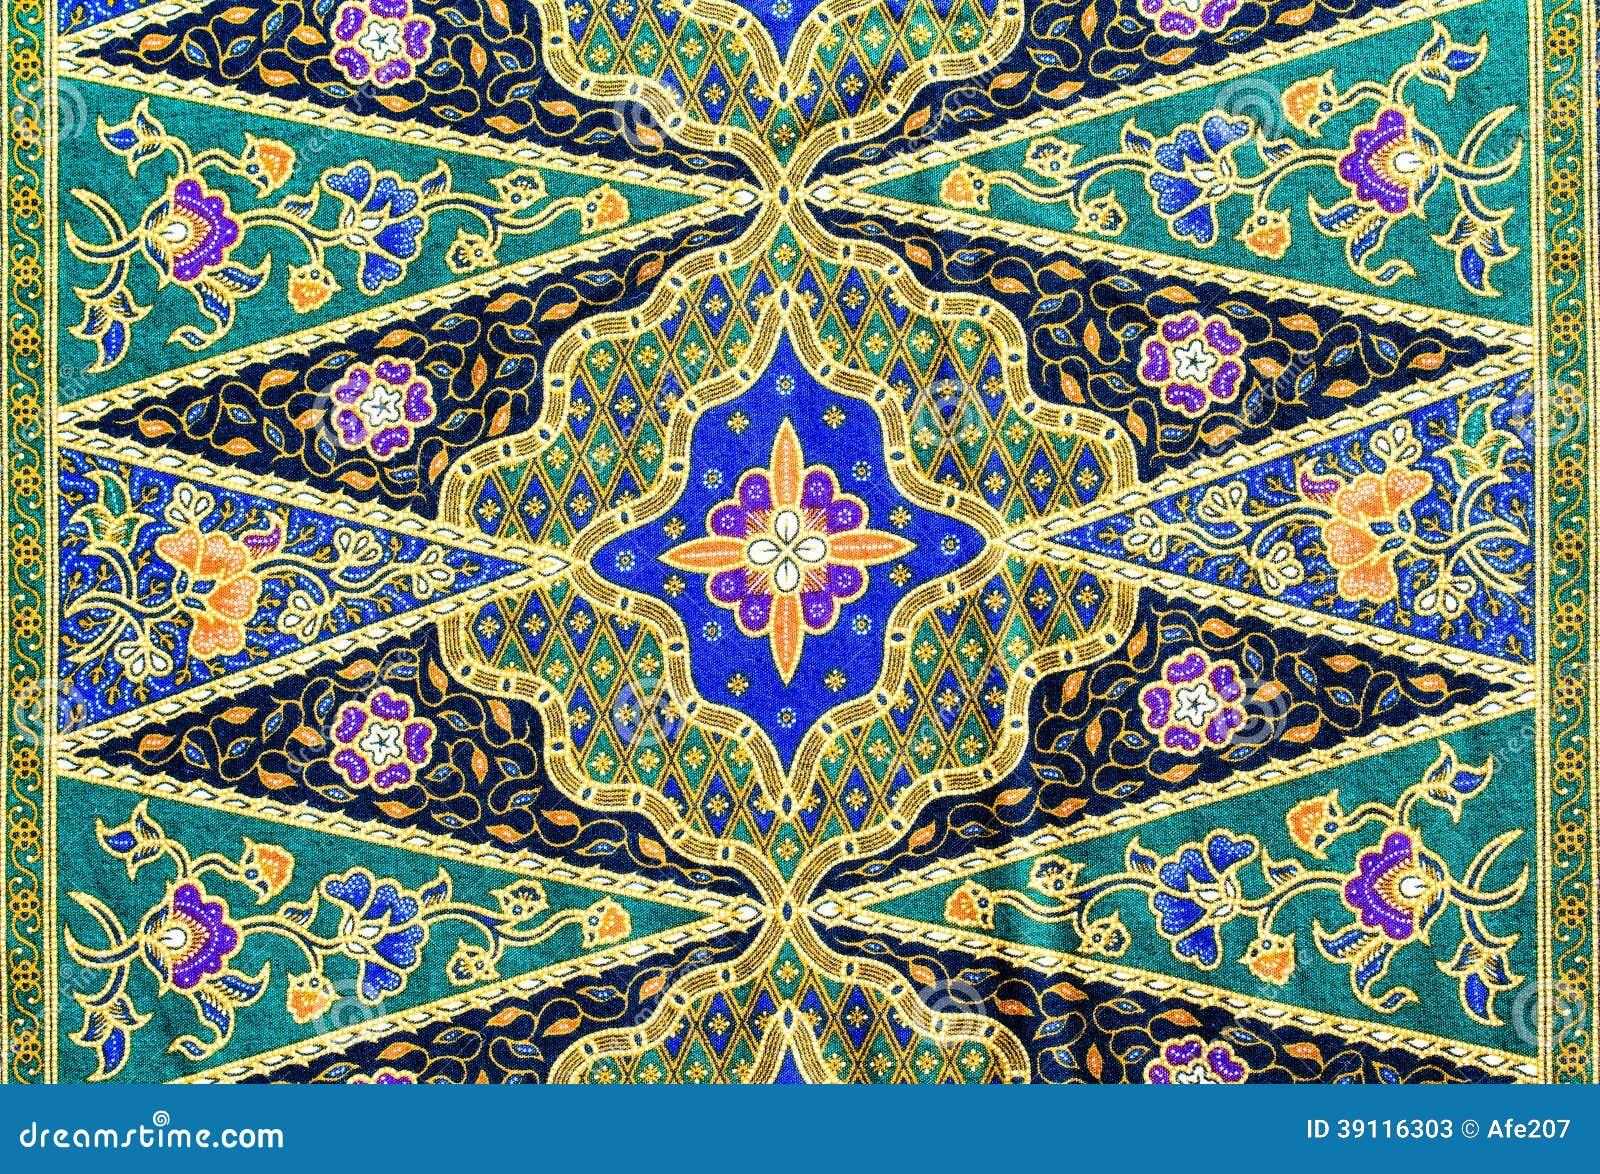 Populaire het patroonachtergrond van batiksarongen